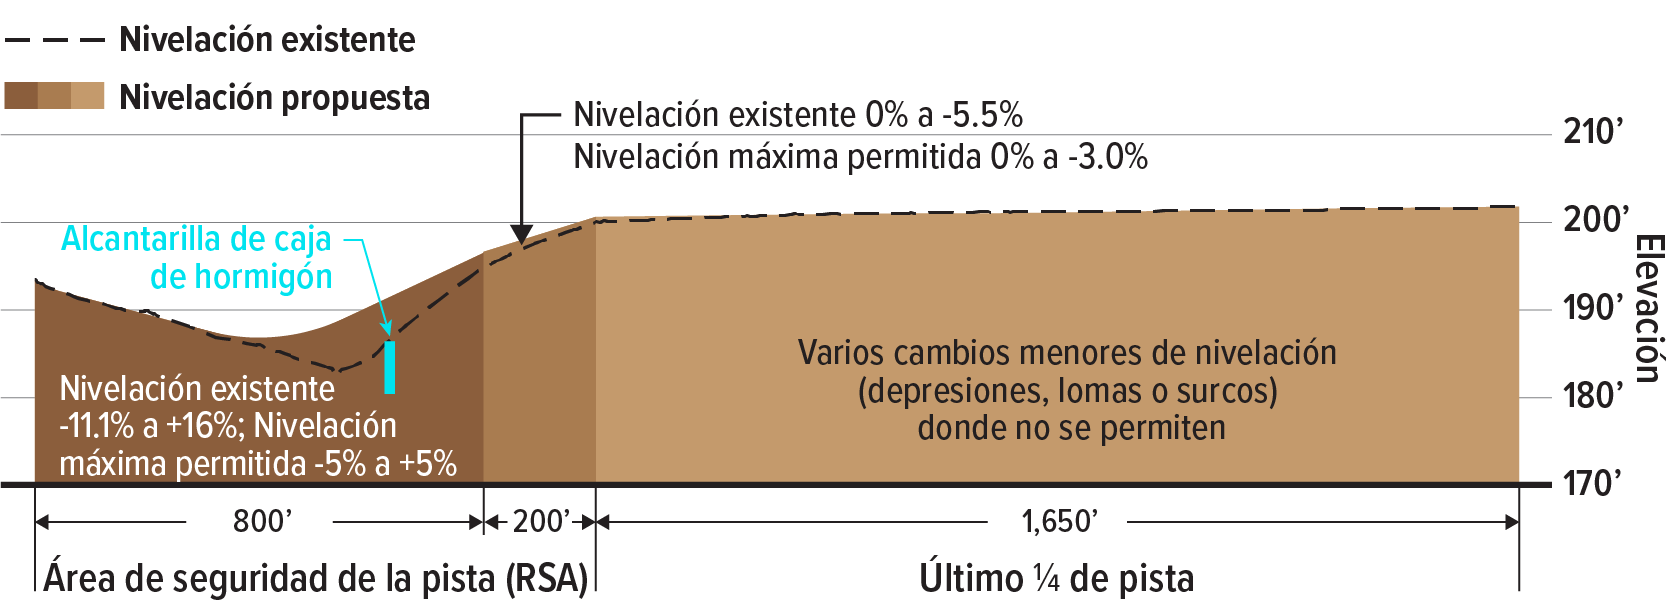 Un diagrama ilustra cómo la pendiente actual del área de seguridad de la pista es de 0% a -5.5% y cómo se rellenará el área para tener una pendiente más uniforme de 0% a -3.0%. También muestra la ubicación de la alcantarilla de concreto que reencauzará Glencoe Swale